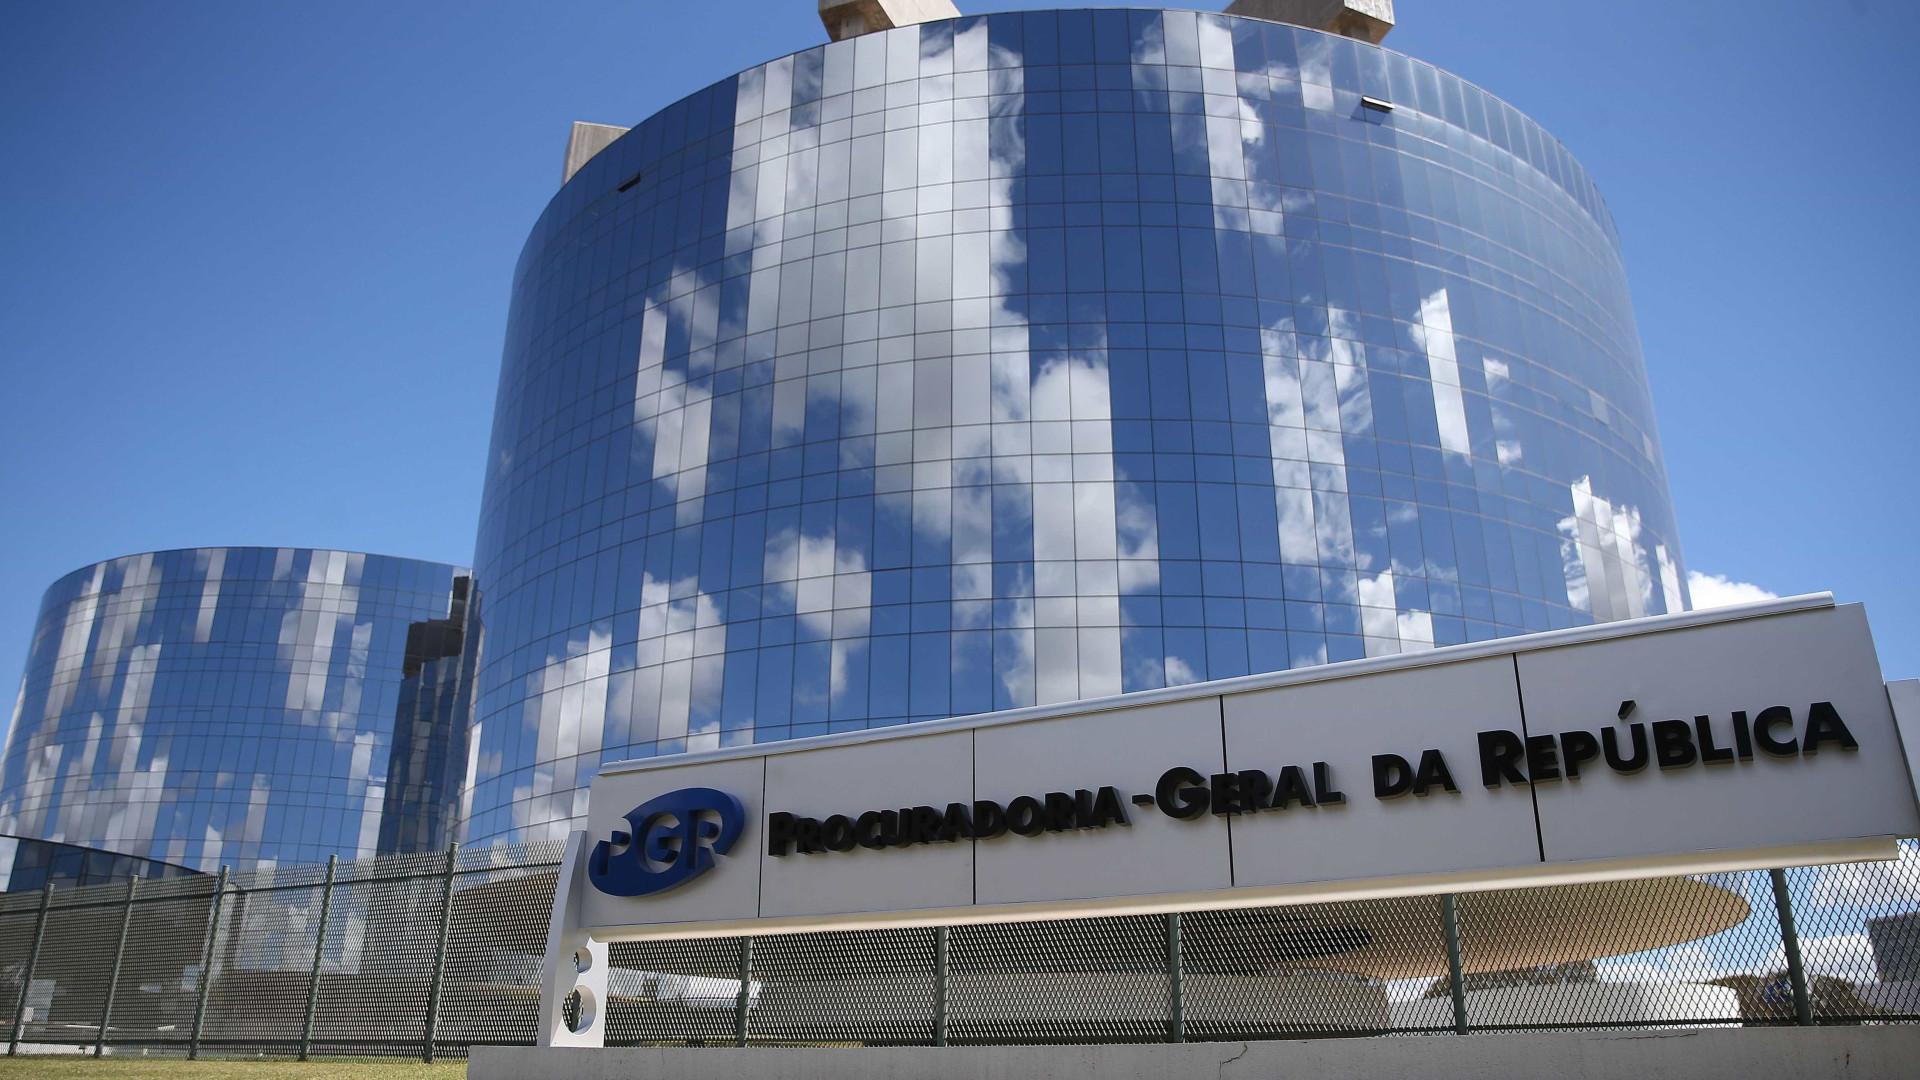 PGR se manifesta contra retorno de Sérgio Cabral a presídio no Rio